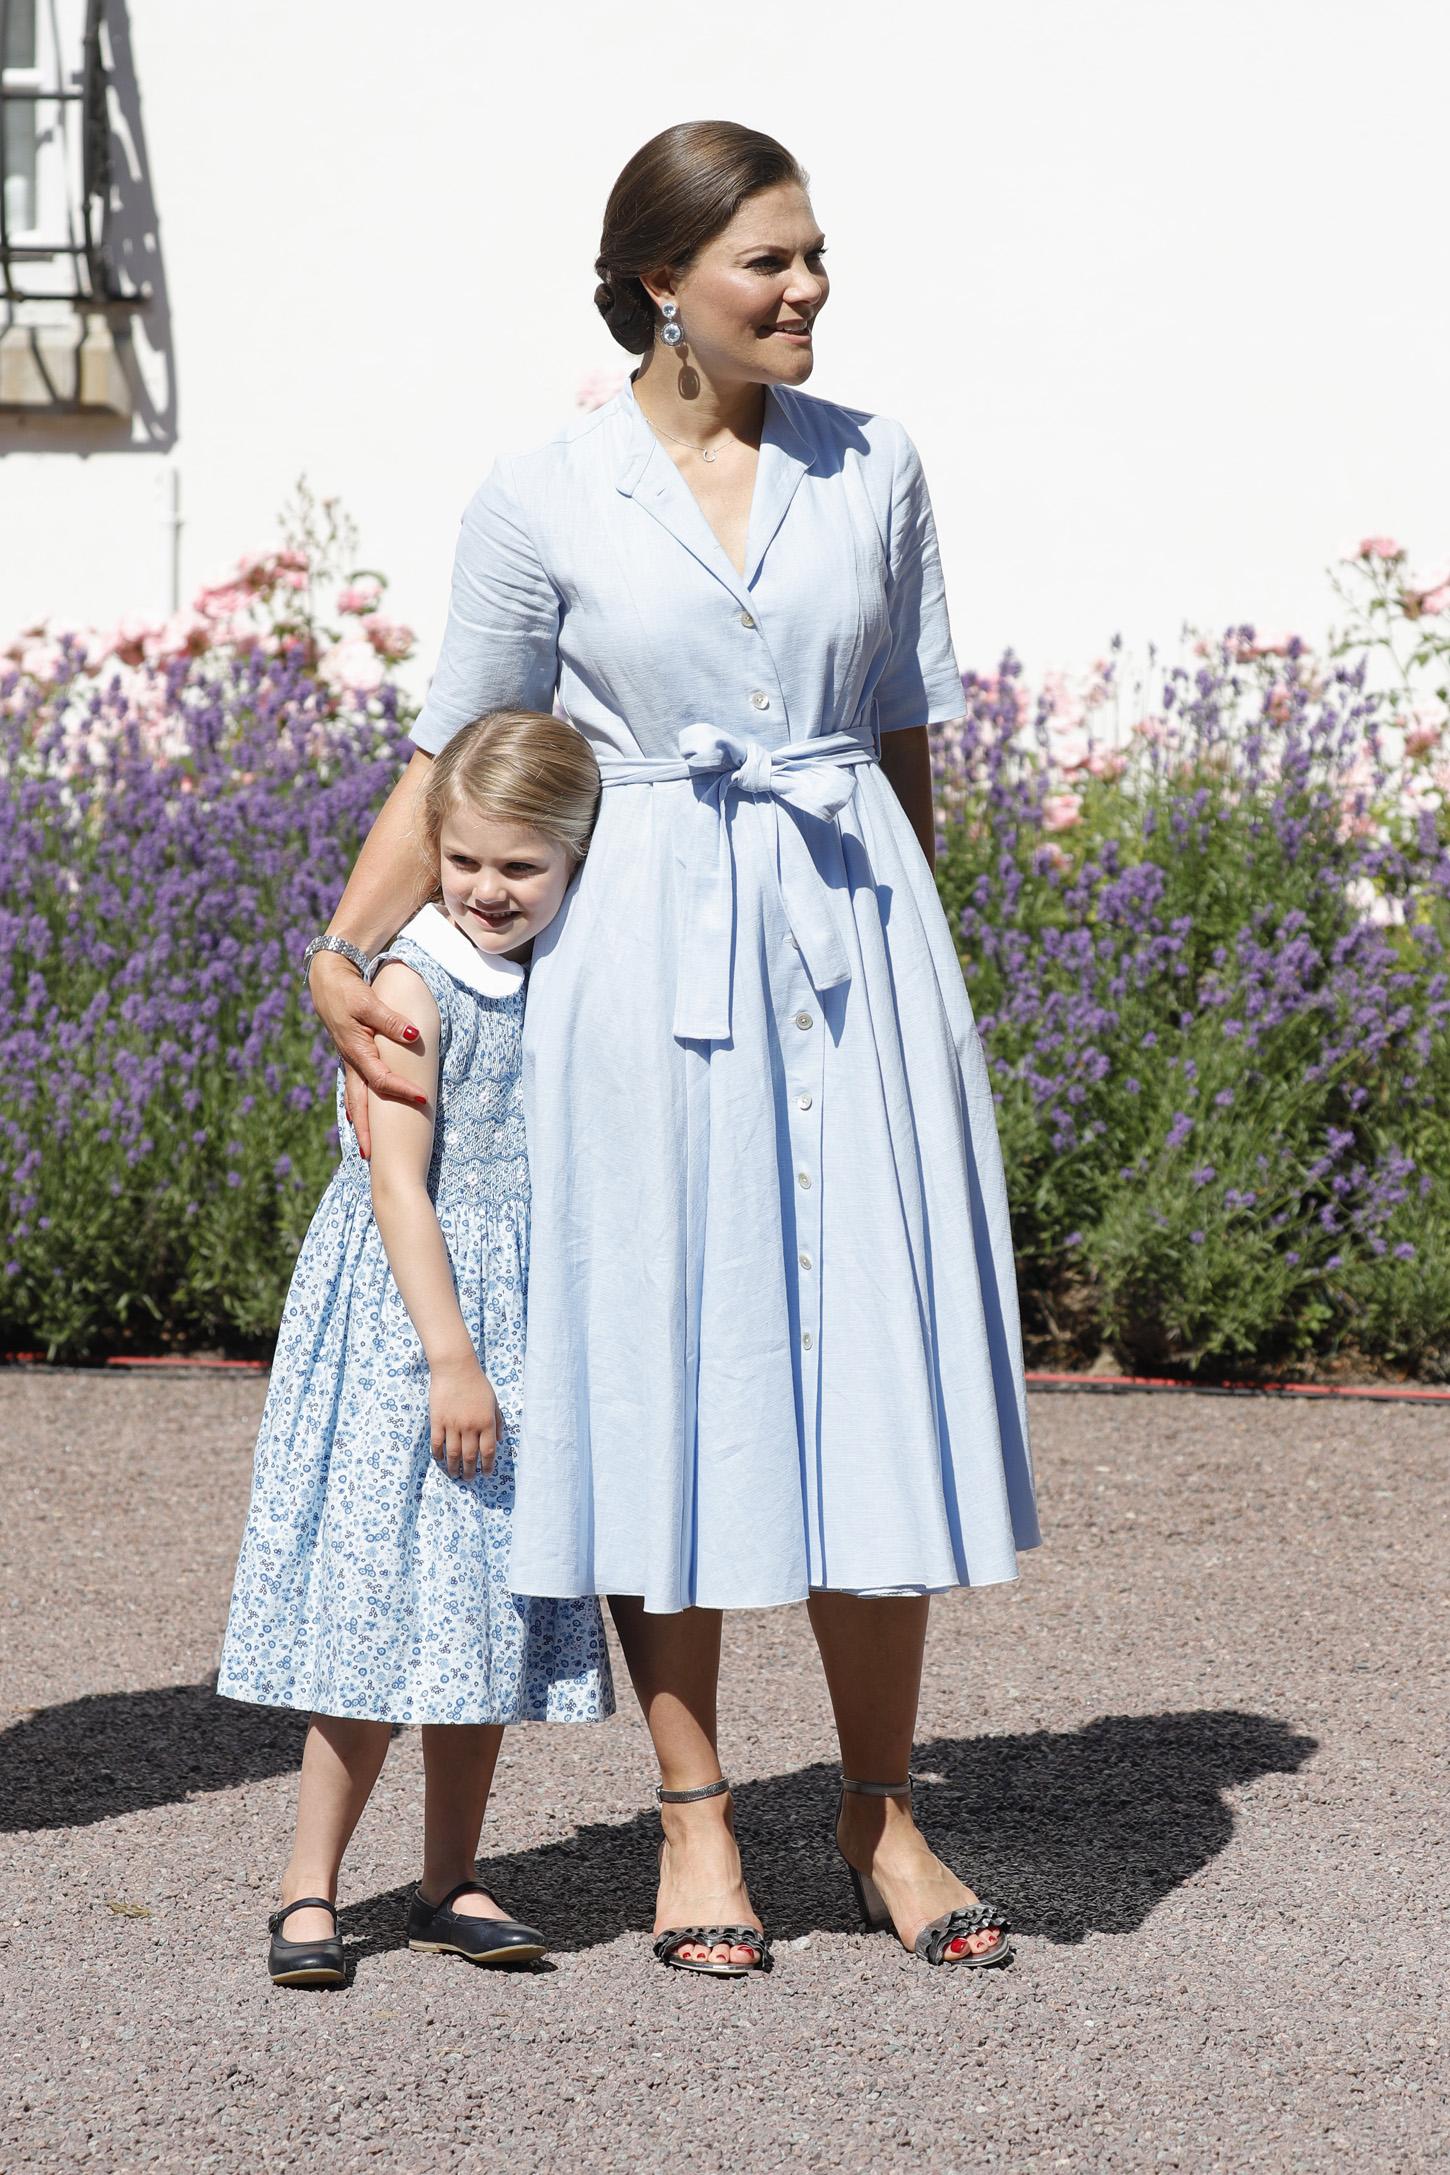 Princeza Victoria i princeza Estelle